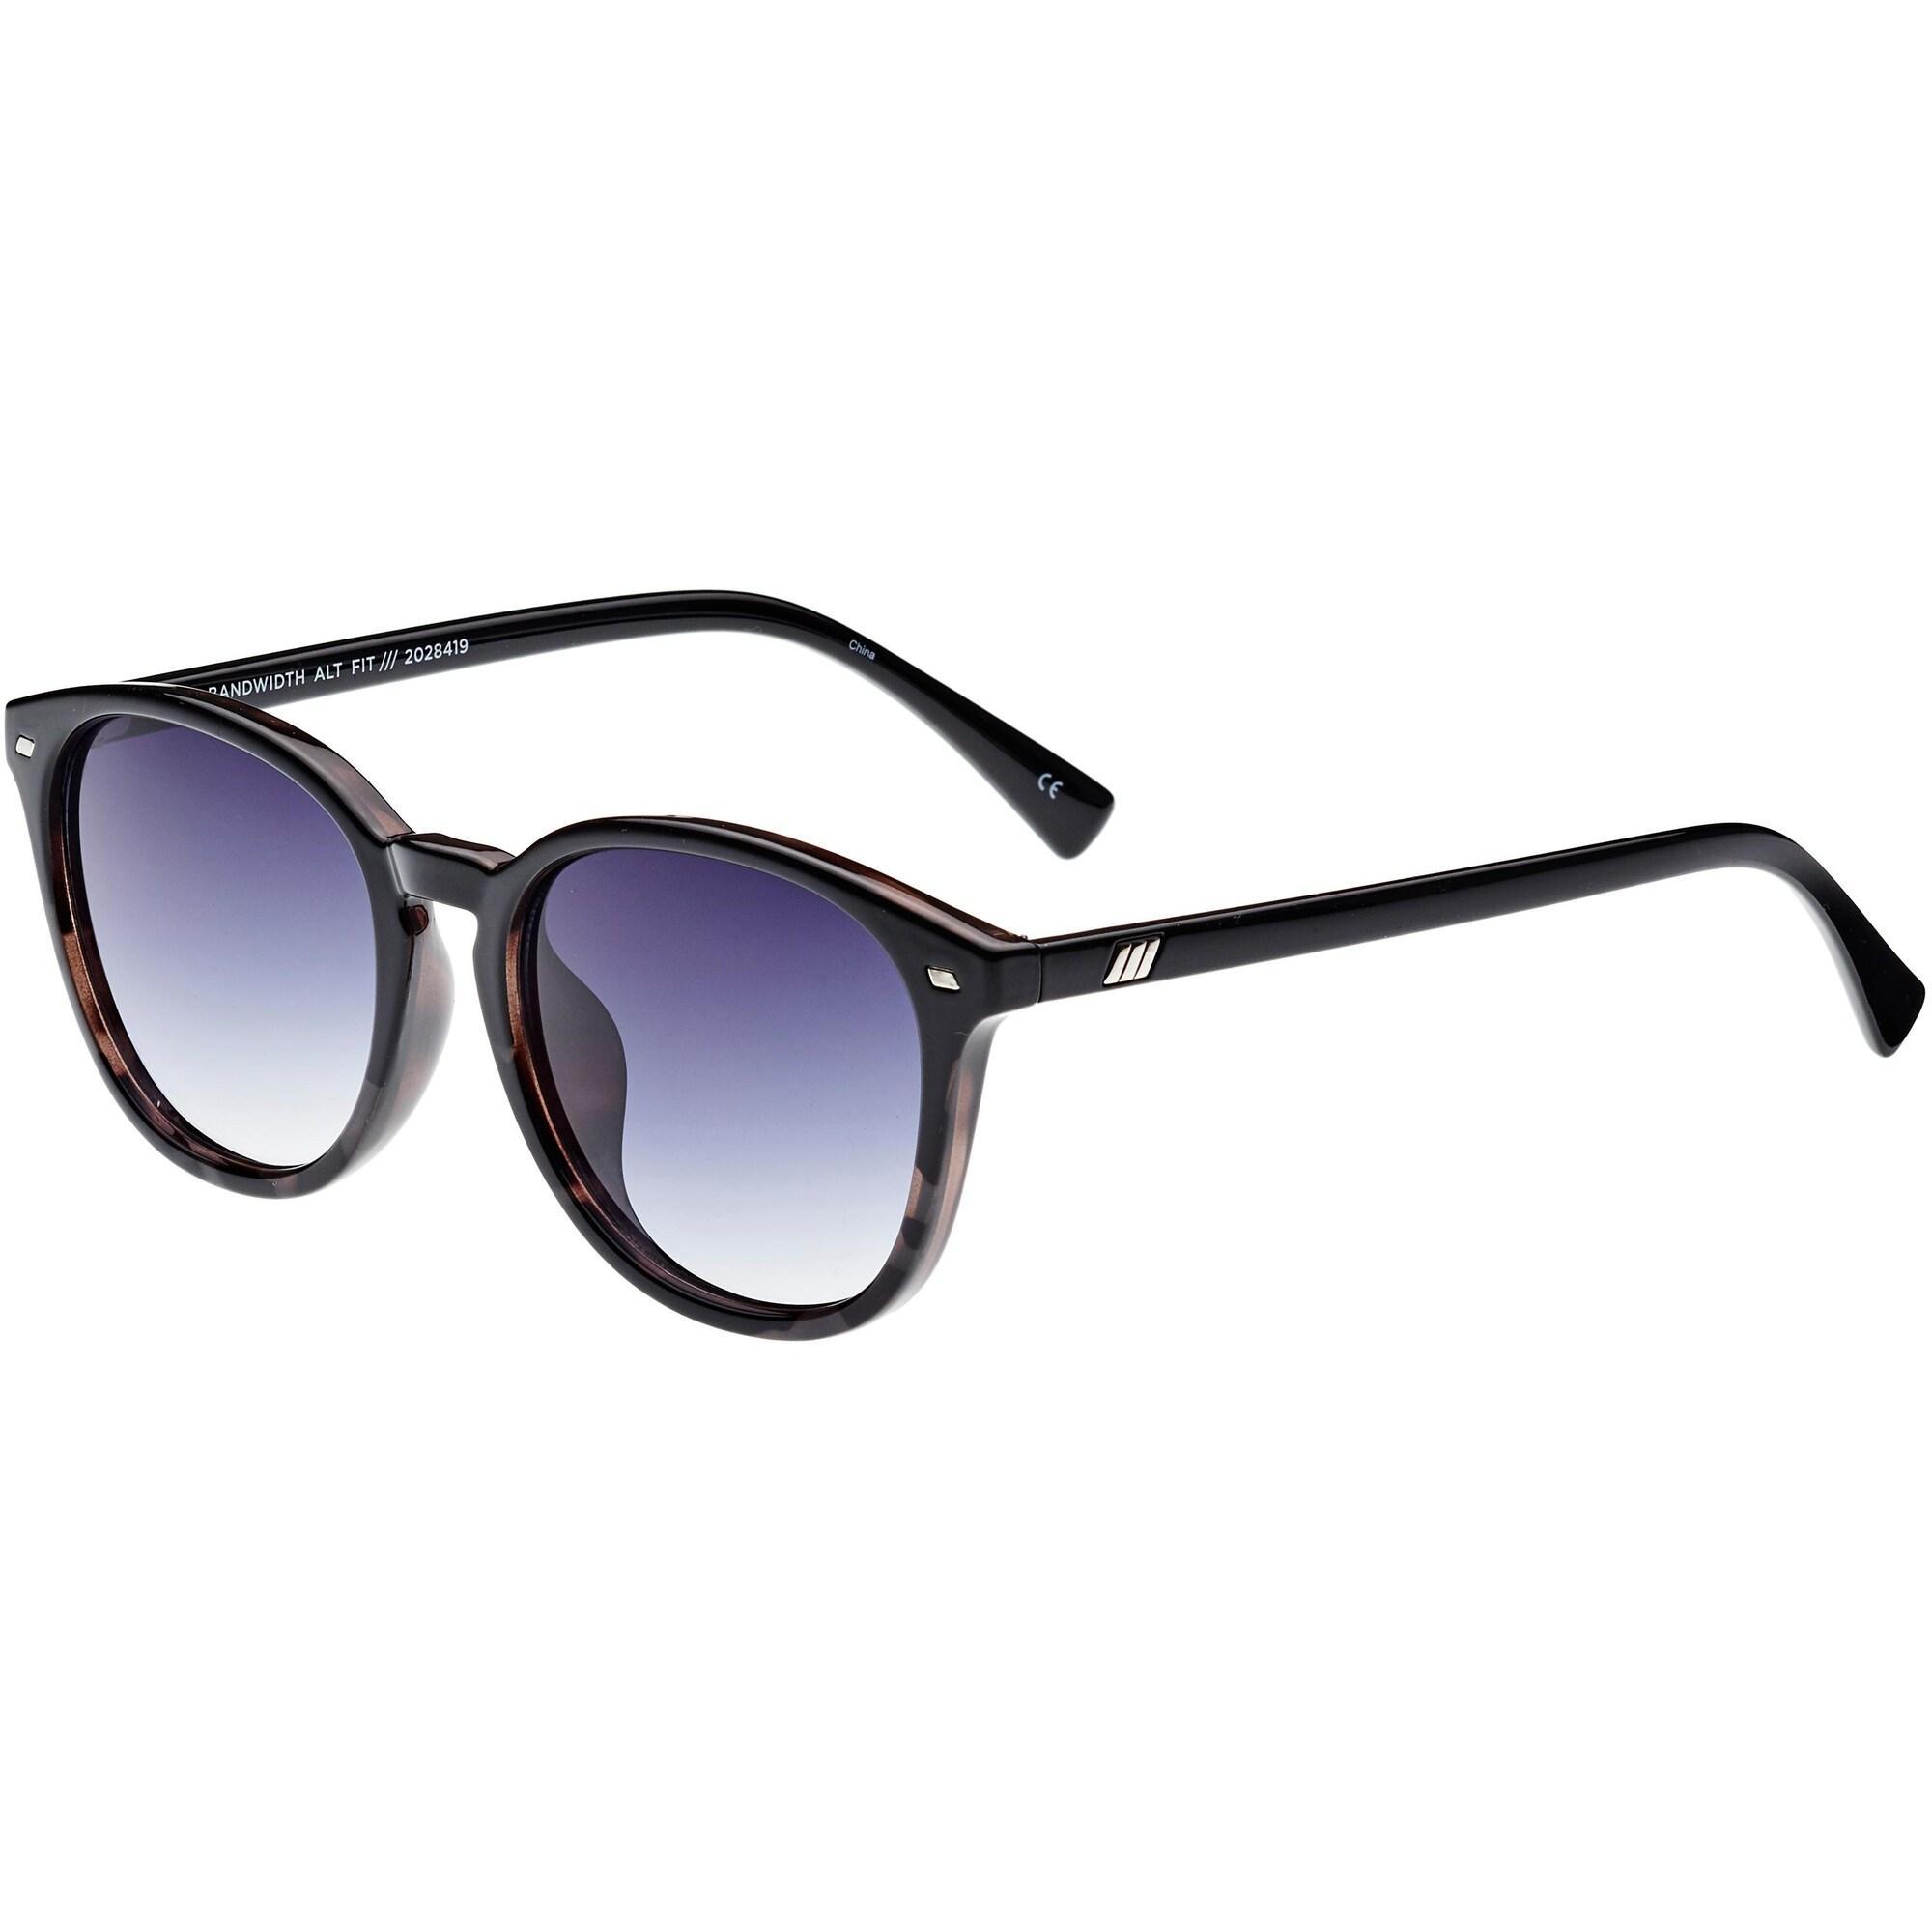 LE SPECS Sonnenbrille 'Bandwidth Alt Fit' schwarz / taubenblau